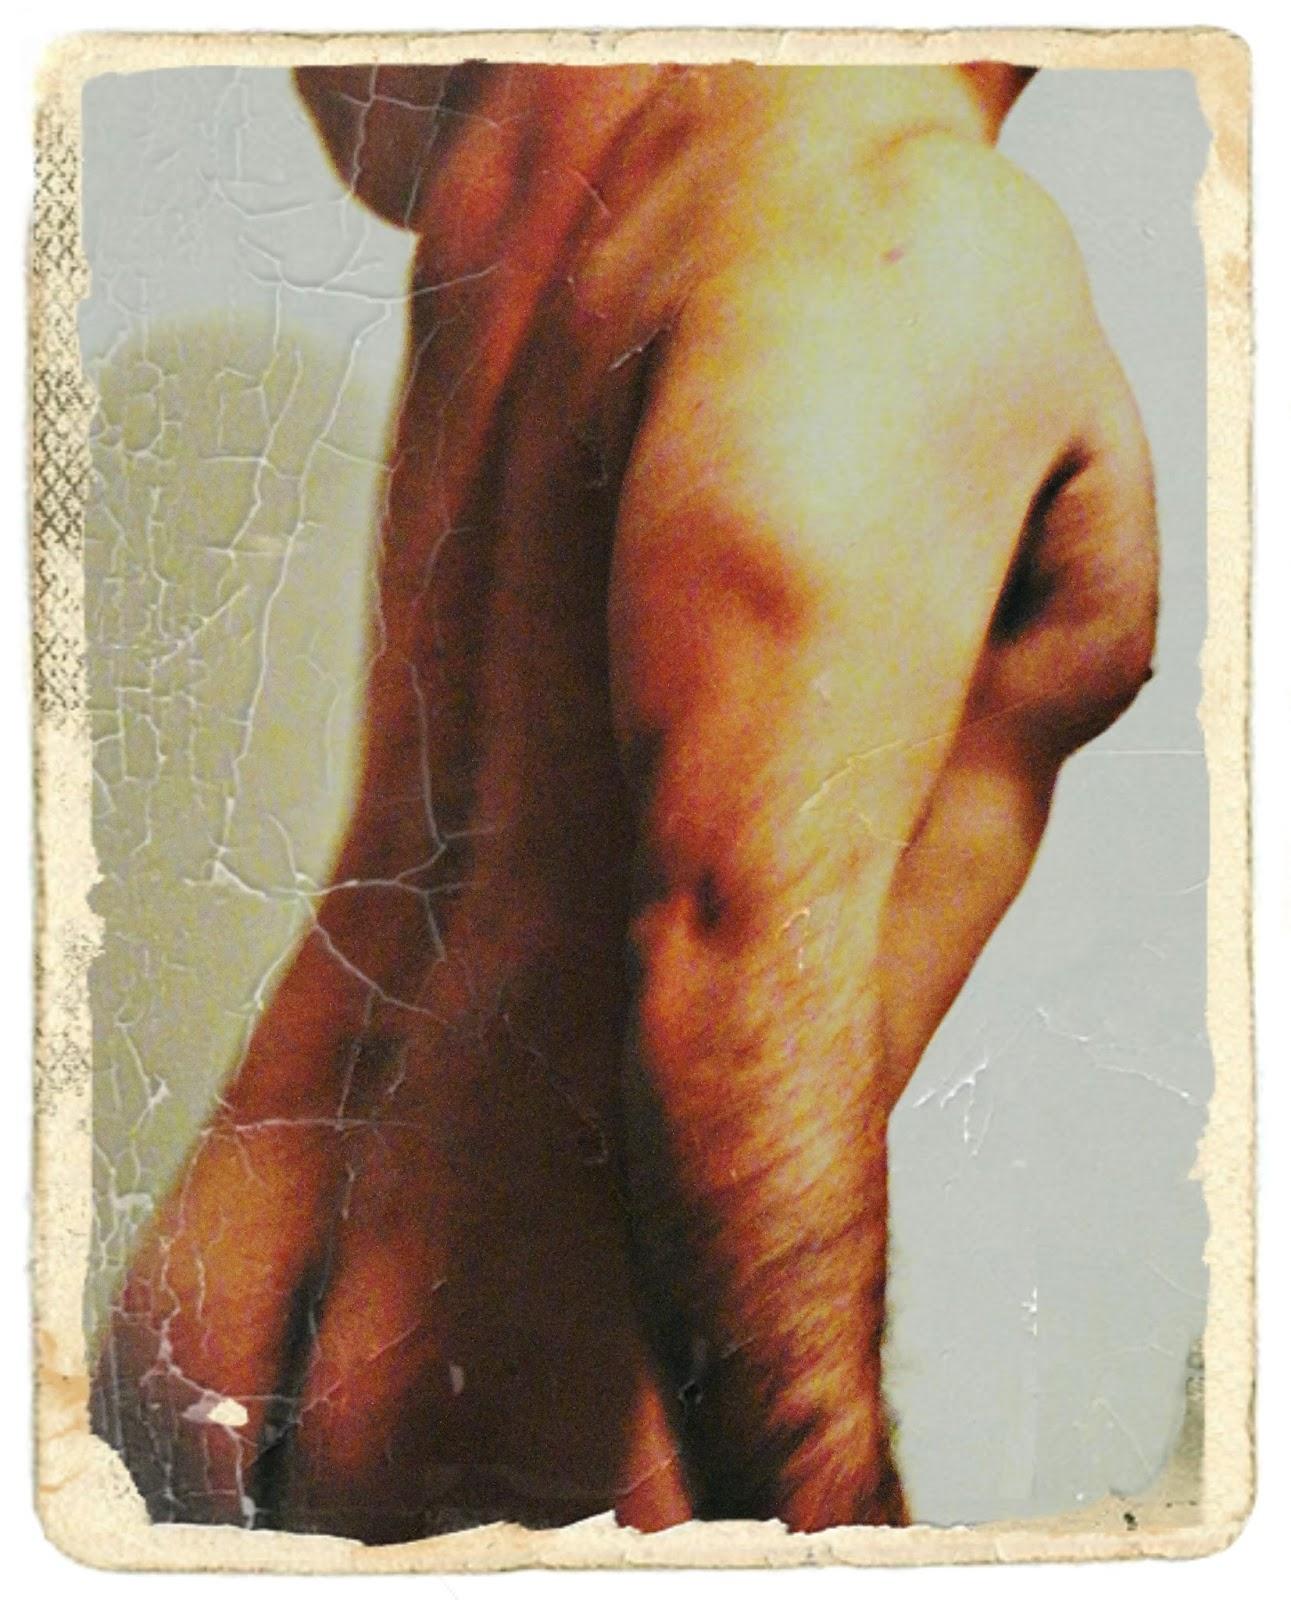 Nos Masturvamos En El Sofa Porno Casero nuestras insólitas pasiones encontradas: 2013